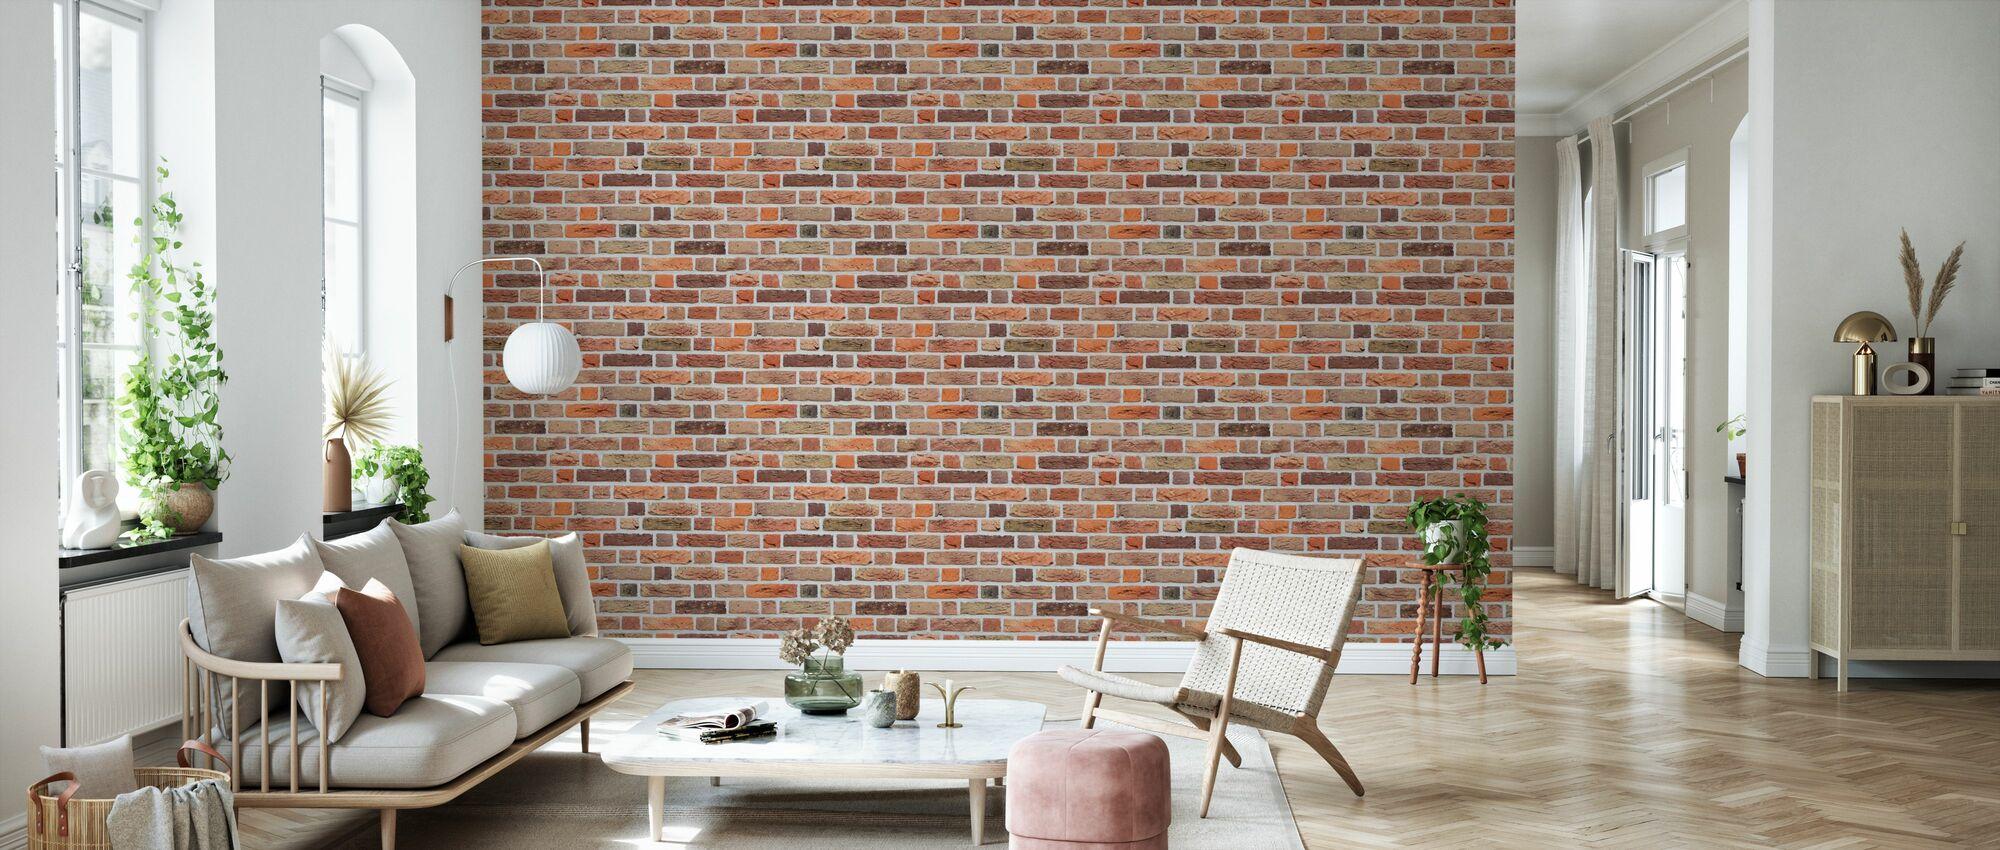 Varied Brick Wall - Wallpaper - Living Room